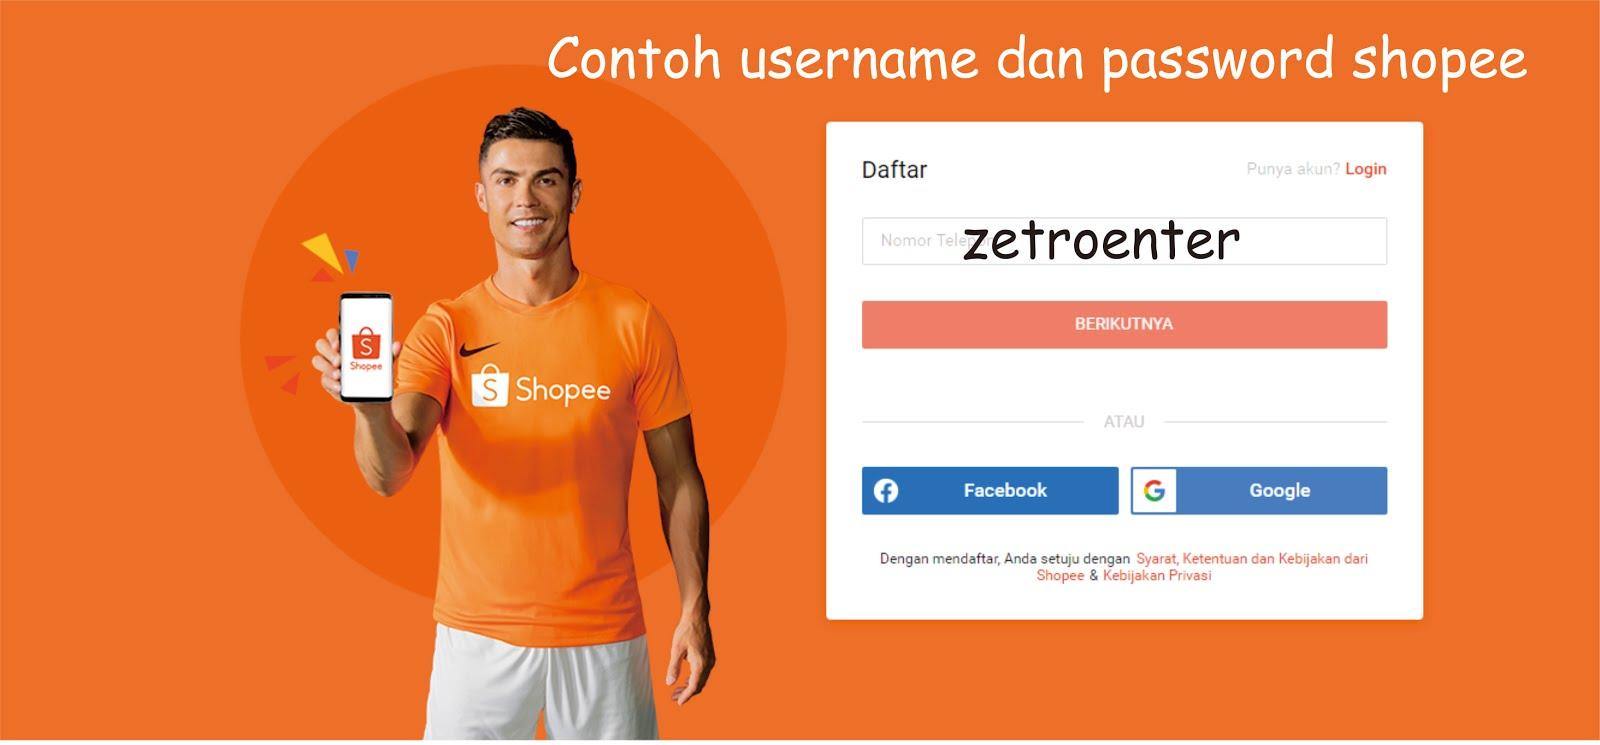 Contoh Username Dan Password Shopee Yang Benar Saat Mendaftar Zetro Enter